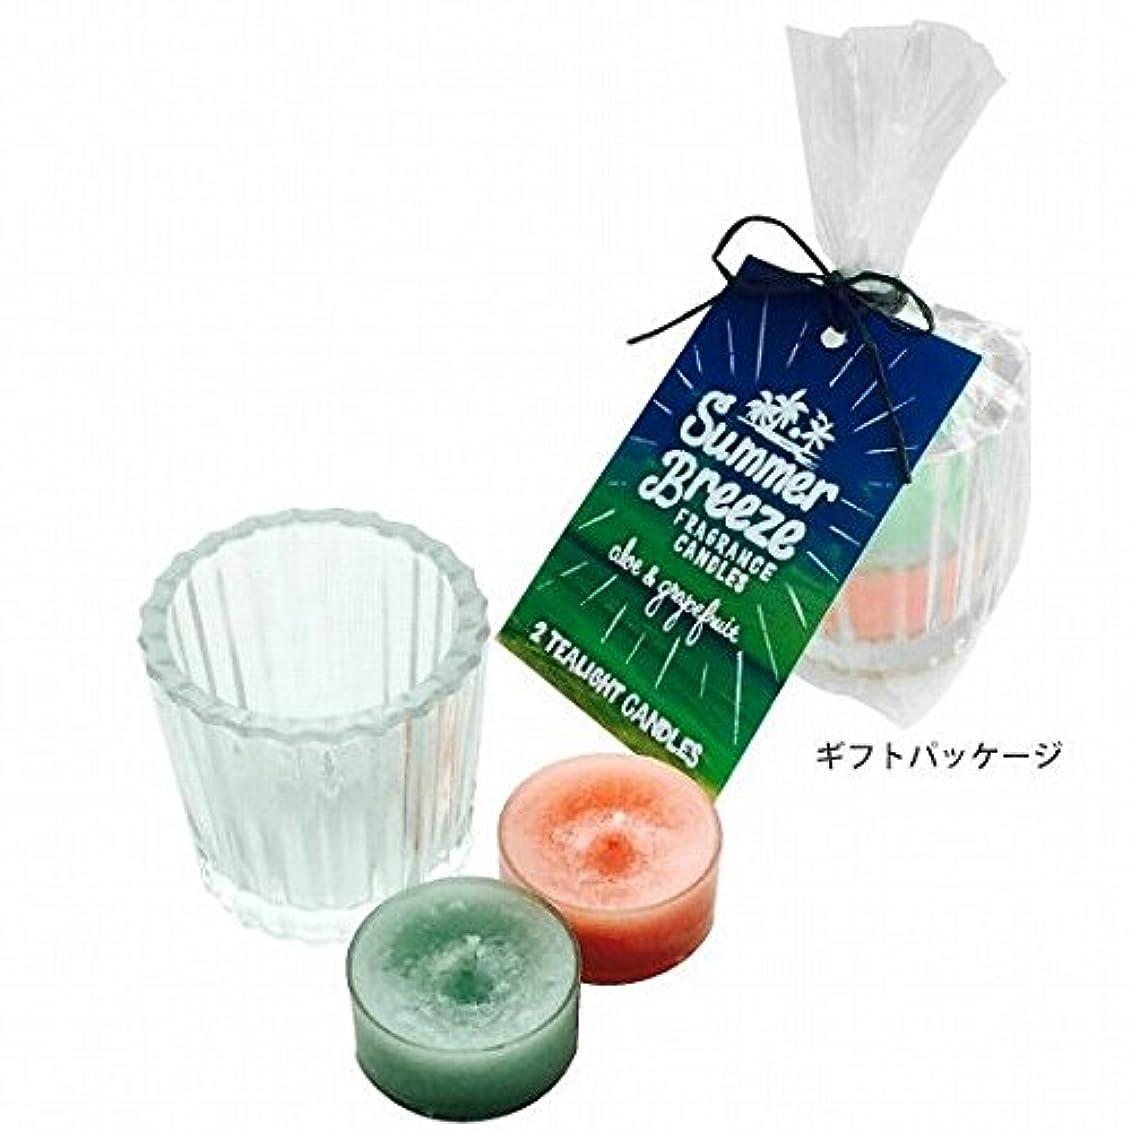 区別するアストロラーベ行列kameyama candle(カメヤマキャンドル) サマーブリーズティーライトキャンドルセット(K5090001)